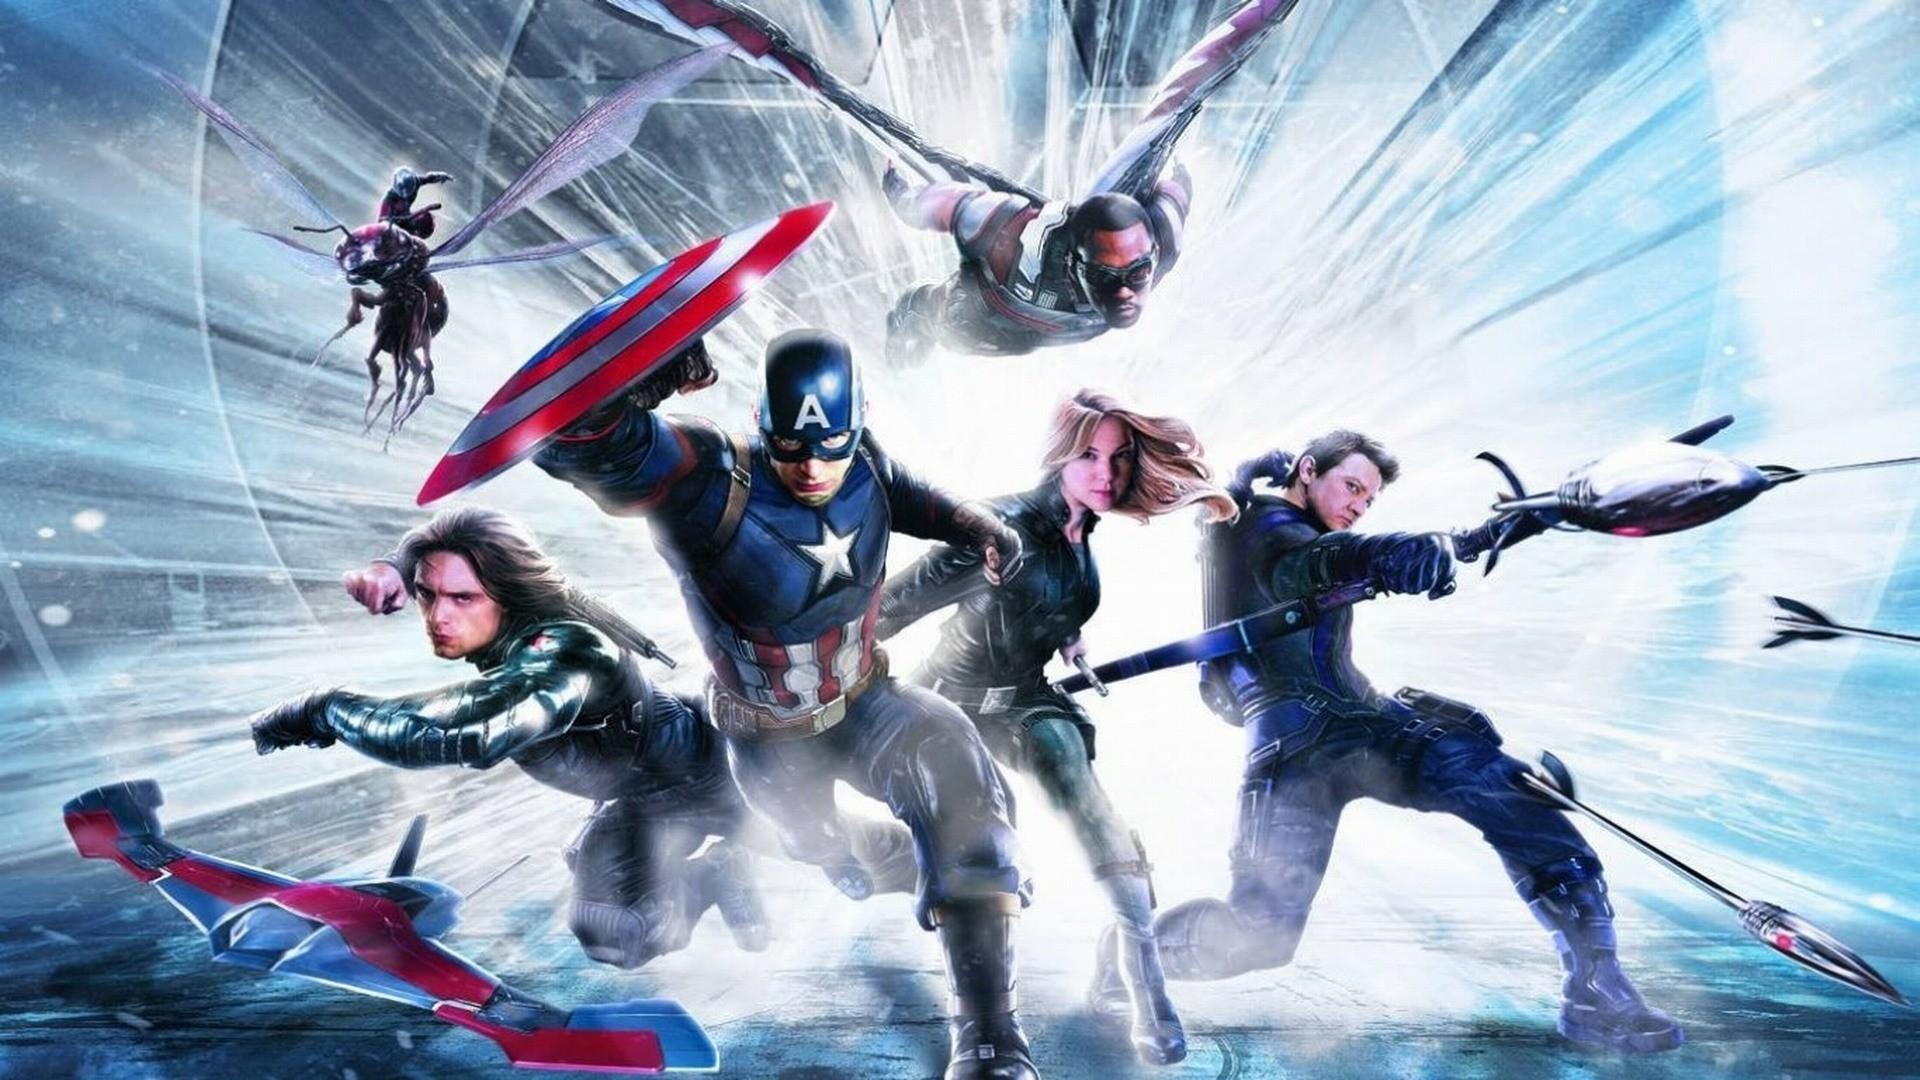 Captain America Civil War Wallpapers Hd: Avengers Civil War Wallpaper (72+ Images